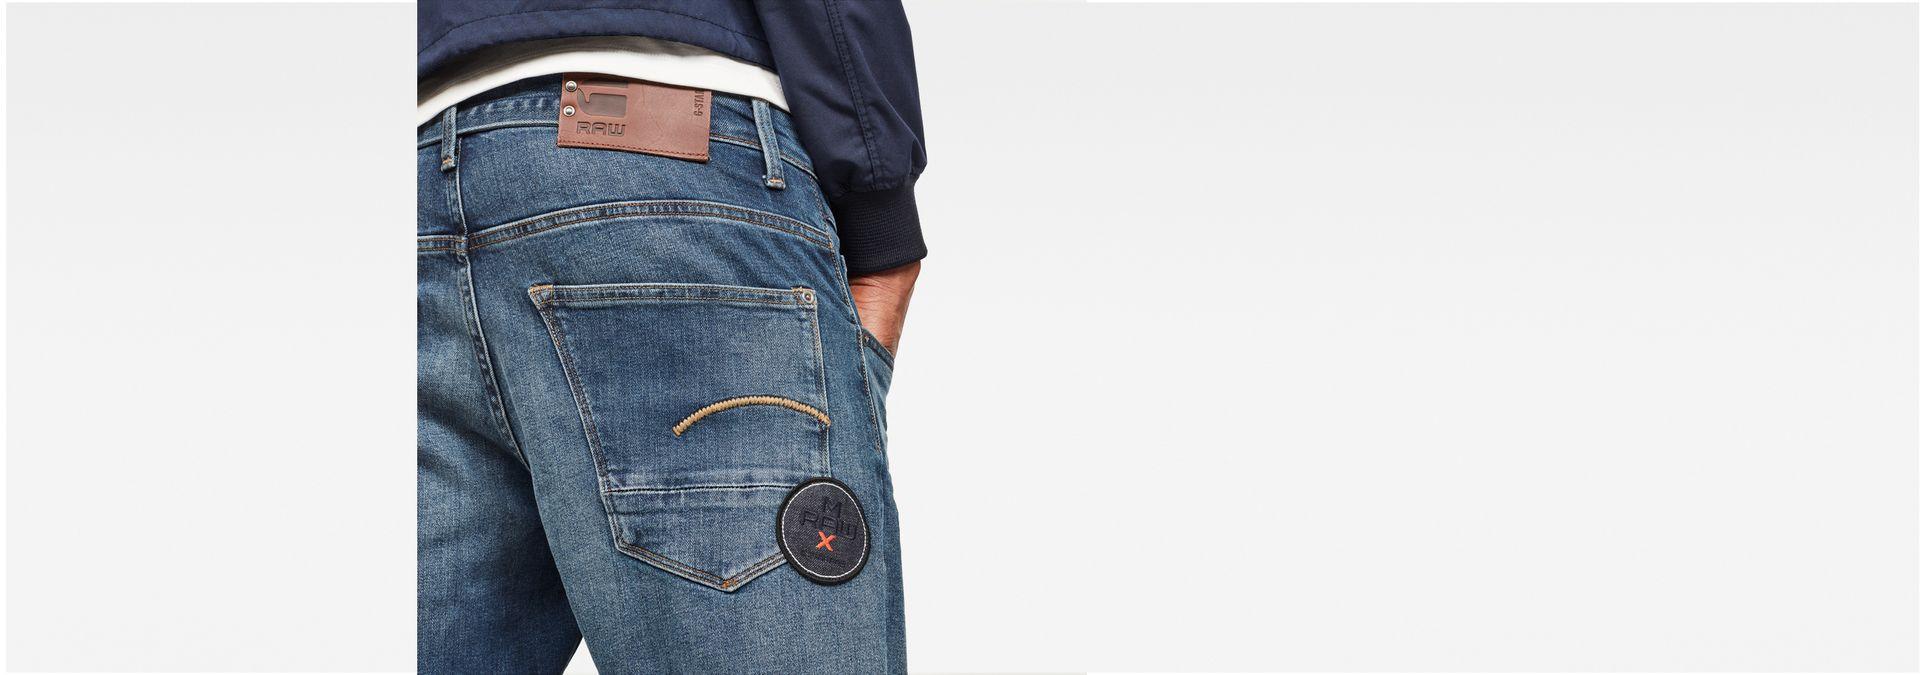 8f8bca98fd9 ... G-Star RAW® MAXRAW II Radar Straight Tapered Jeans Medium blue model  back ...